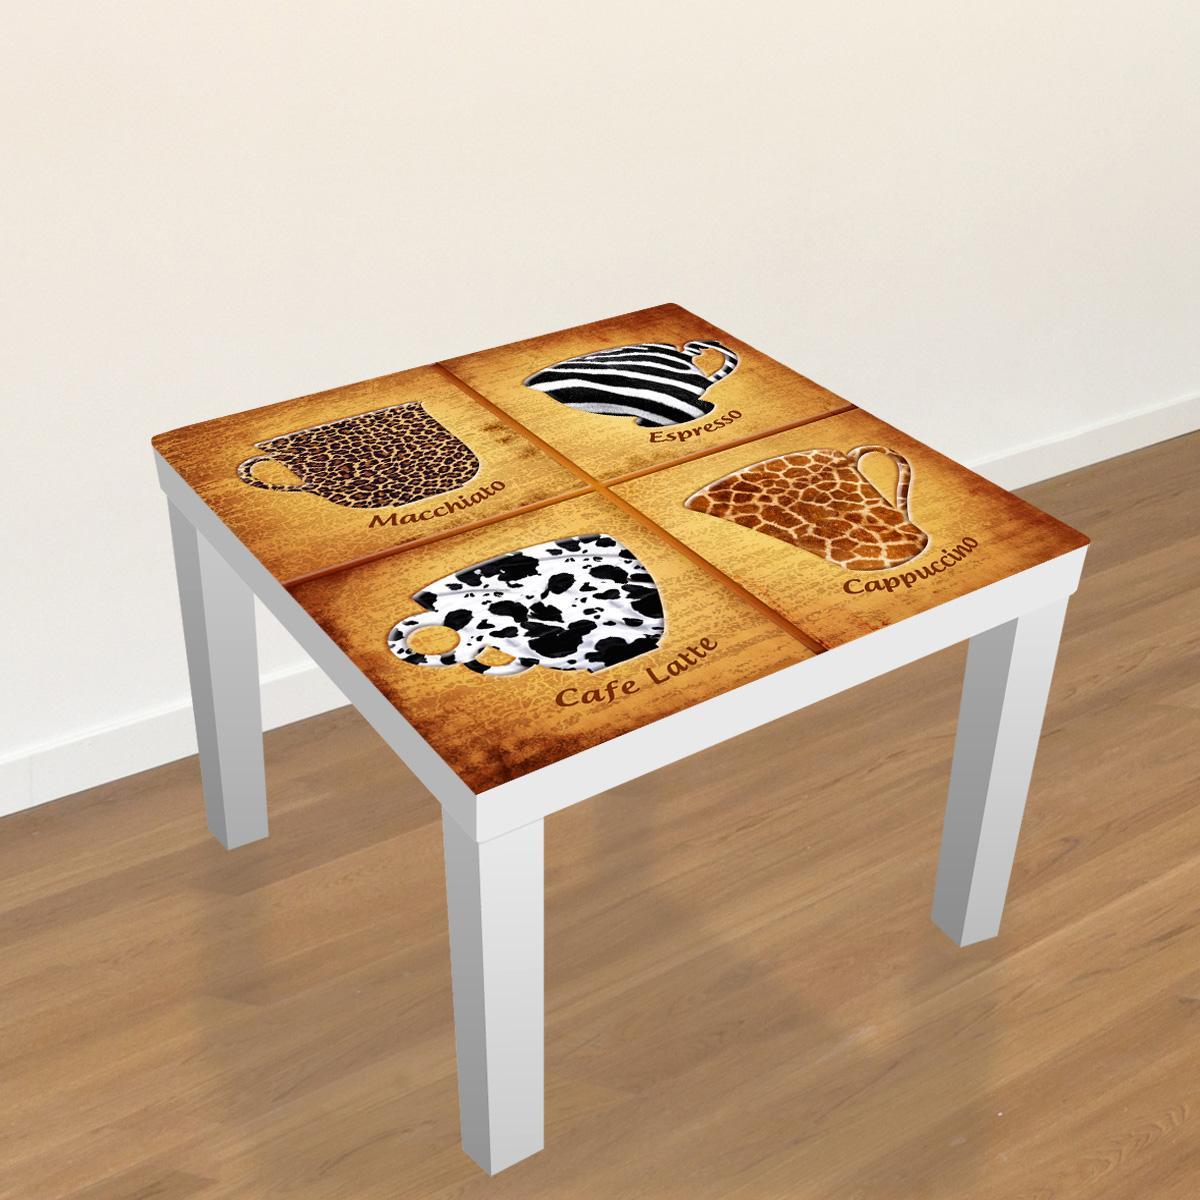 stickers meubles ikea stickers meubles ikea temp rament de caf ambiance. Black Bedroom Furniture Sets. Home Design Ideas